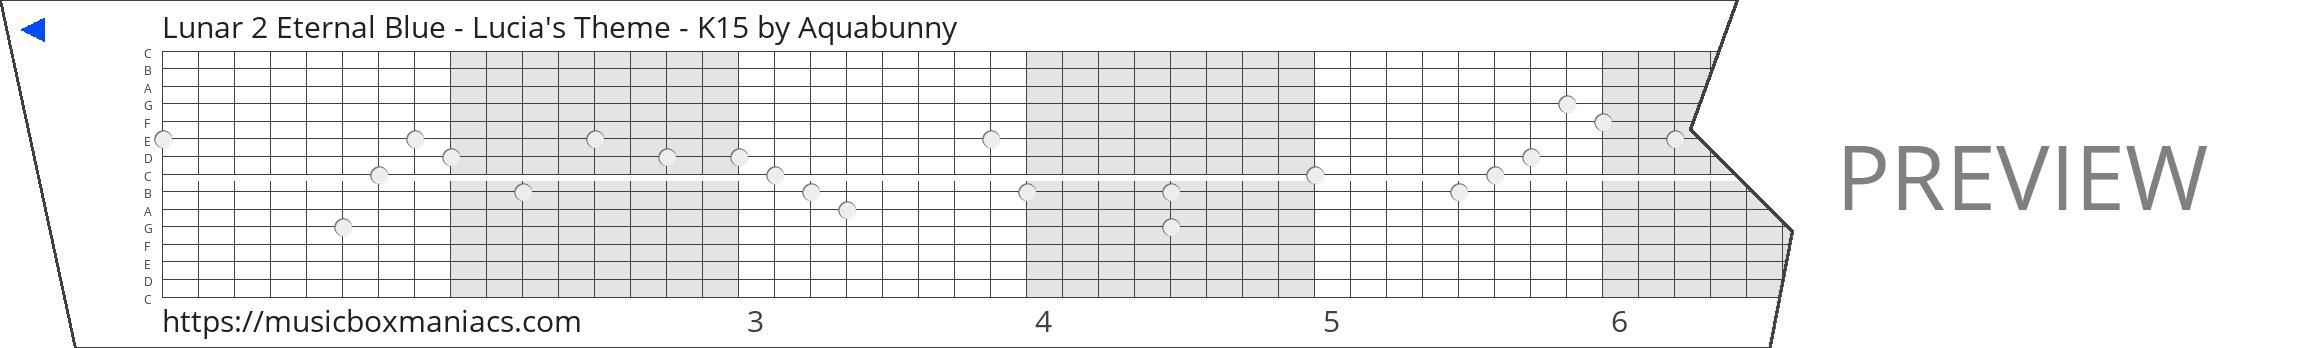 Lunar 2 Eternal Blue - Lucia's Theme - K15 15 note music box paper strip